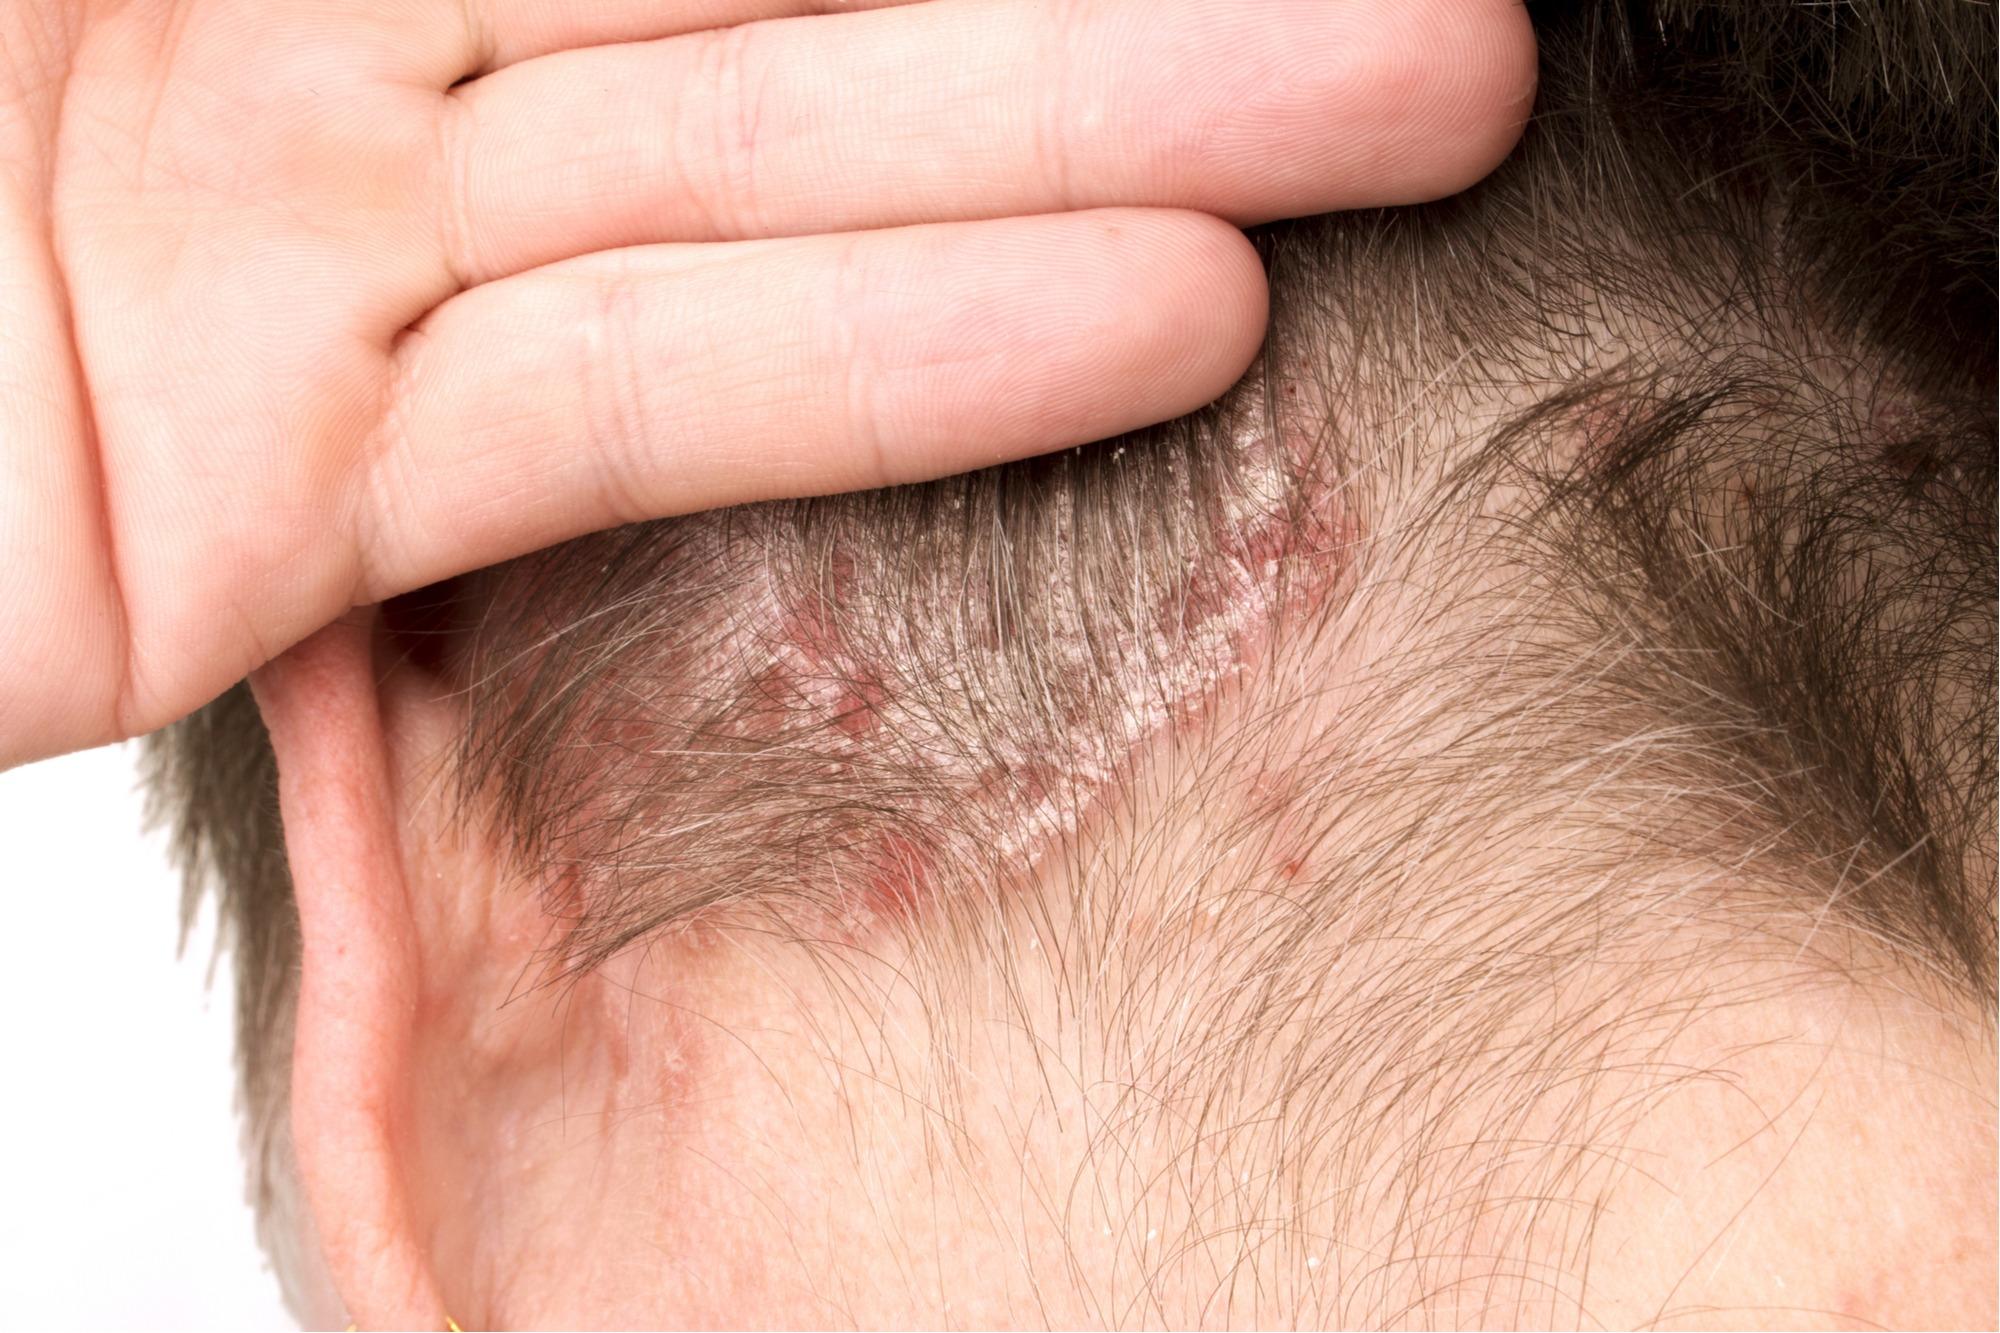 صدفية الرأس و التعرف على اسبابها و افضل الطرق لعلاجها